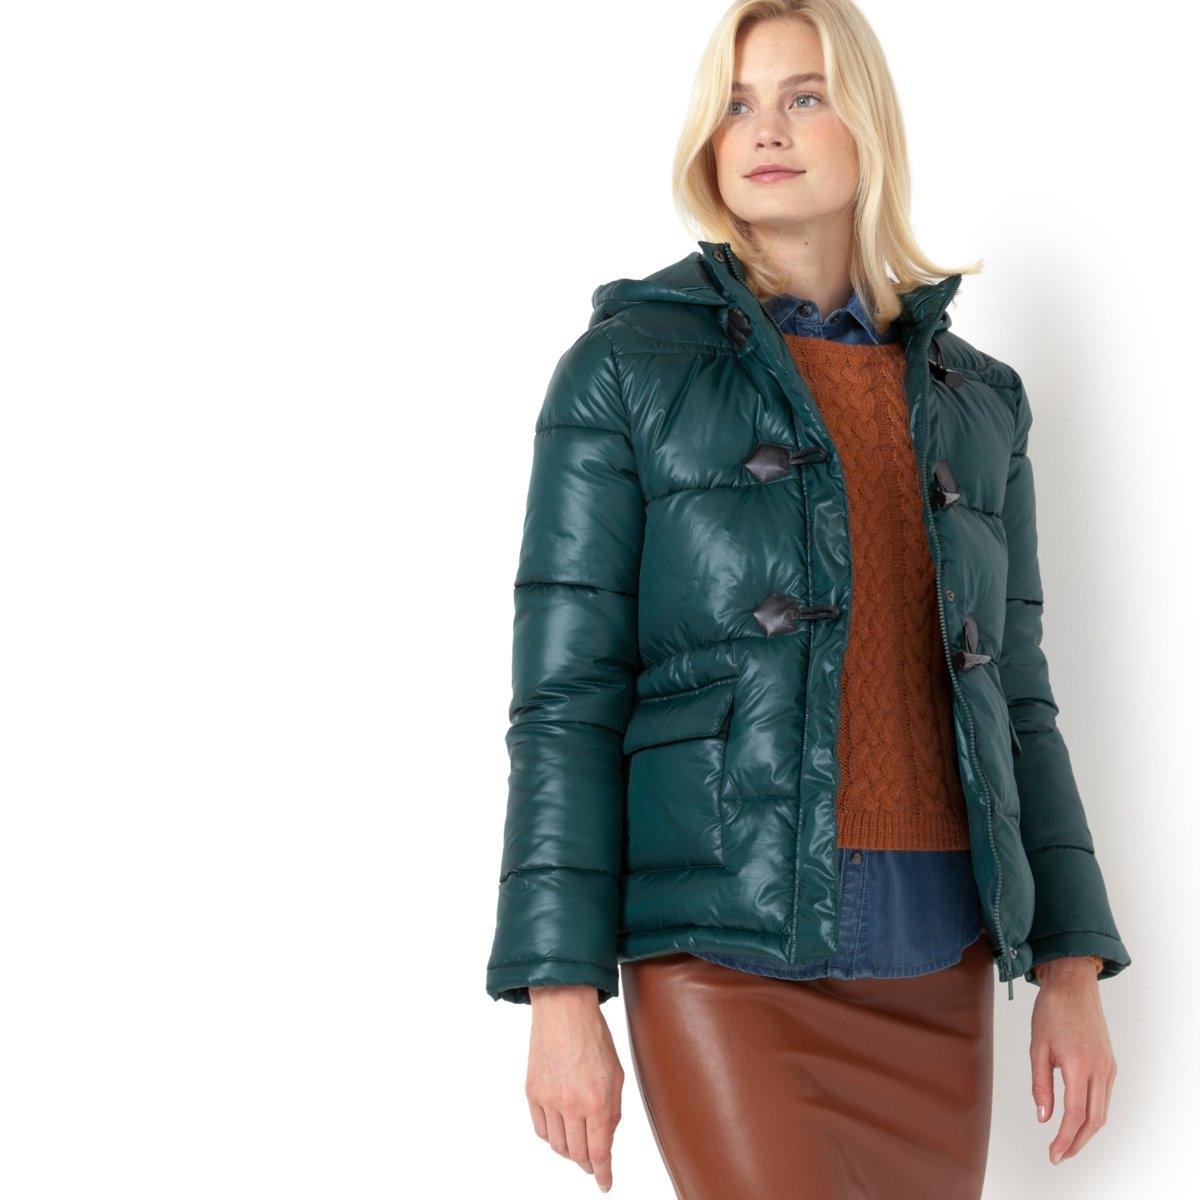 Куртка стеганая с капюшономСтеганая куртка с длинными рукавами и капюшоном R essentiels. Прямой покрой. Стеганый капюшон. Супатная застежка на молнию. 2 боковых кармана на кнопках. Состав: 100% полиэстера. Длина 70 см.<br><br>Цвет: зеленый<br>Размер: 38 (FR) - 44 (RUS)